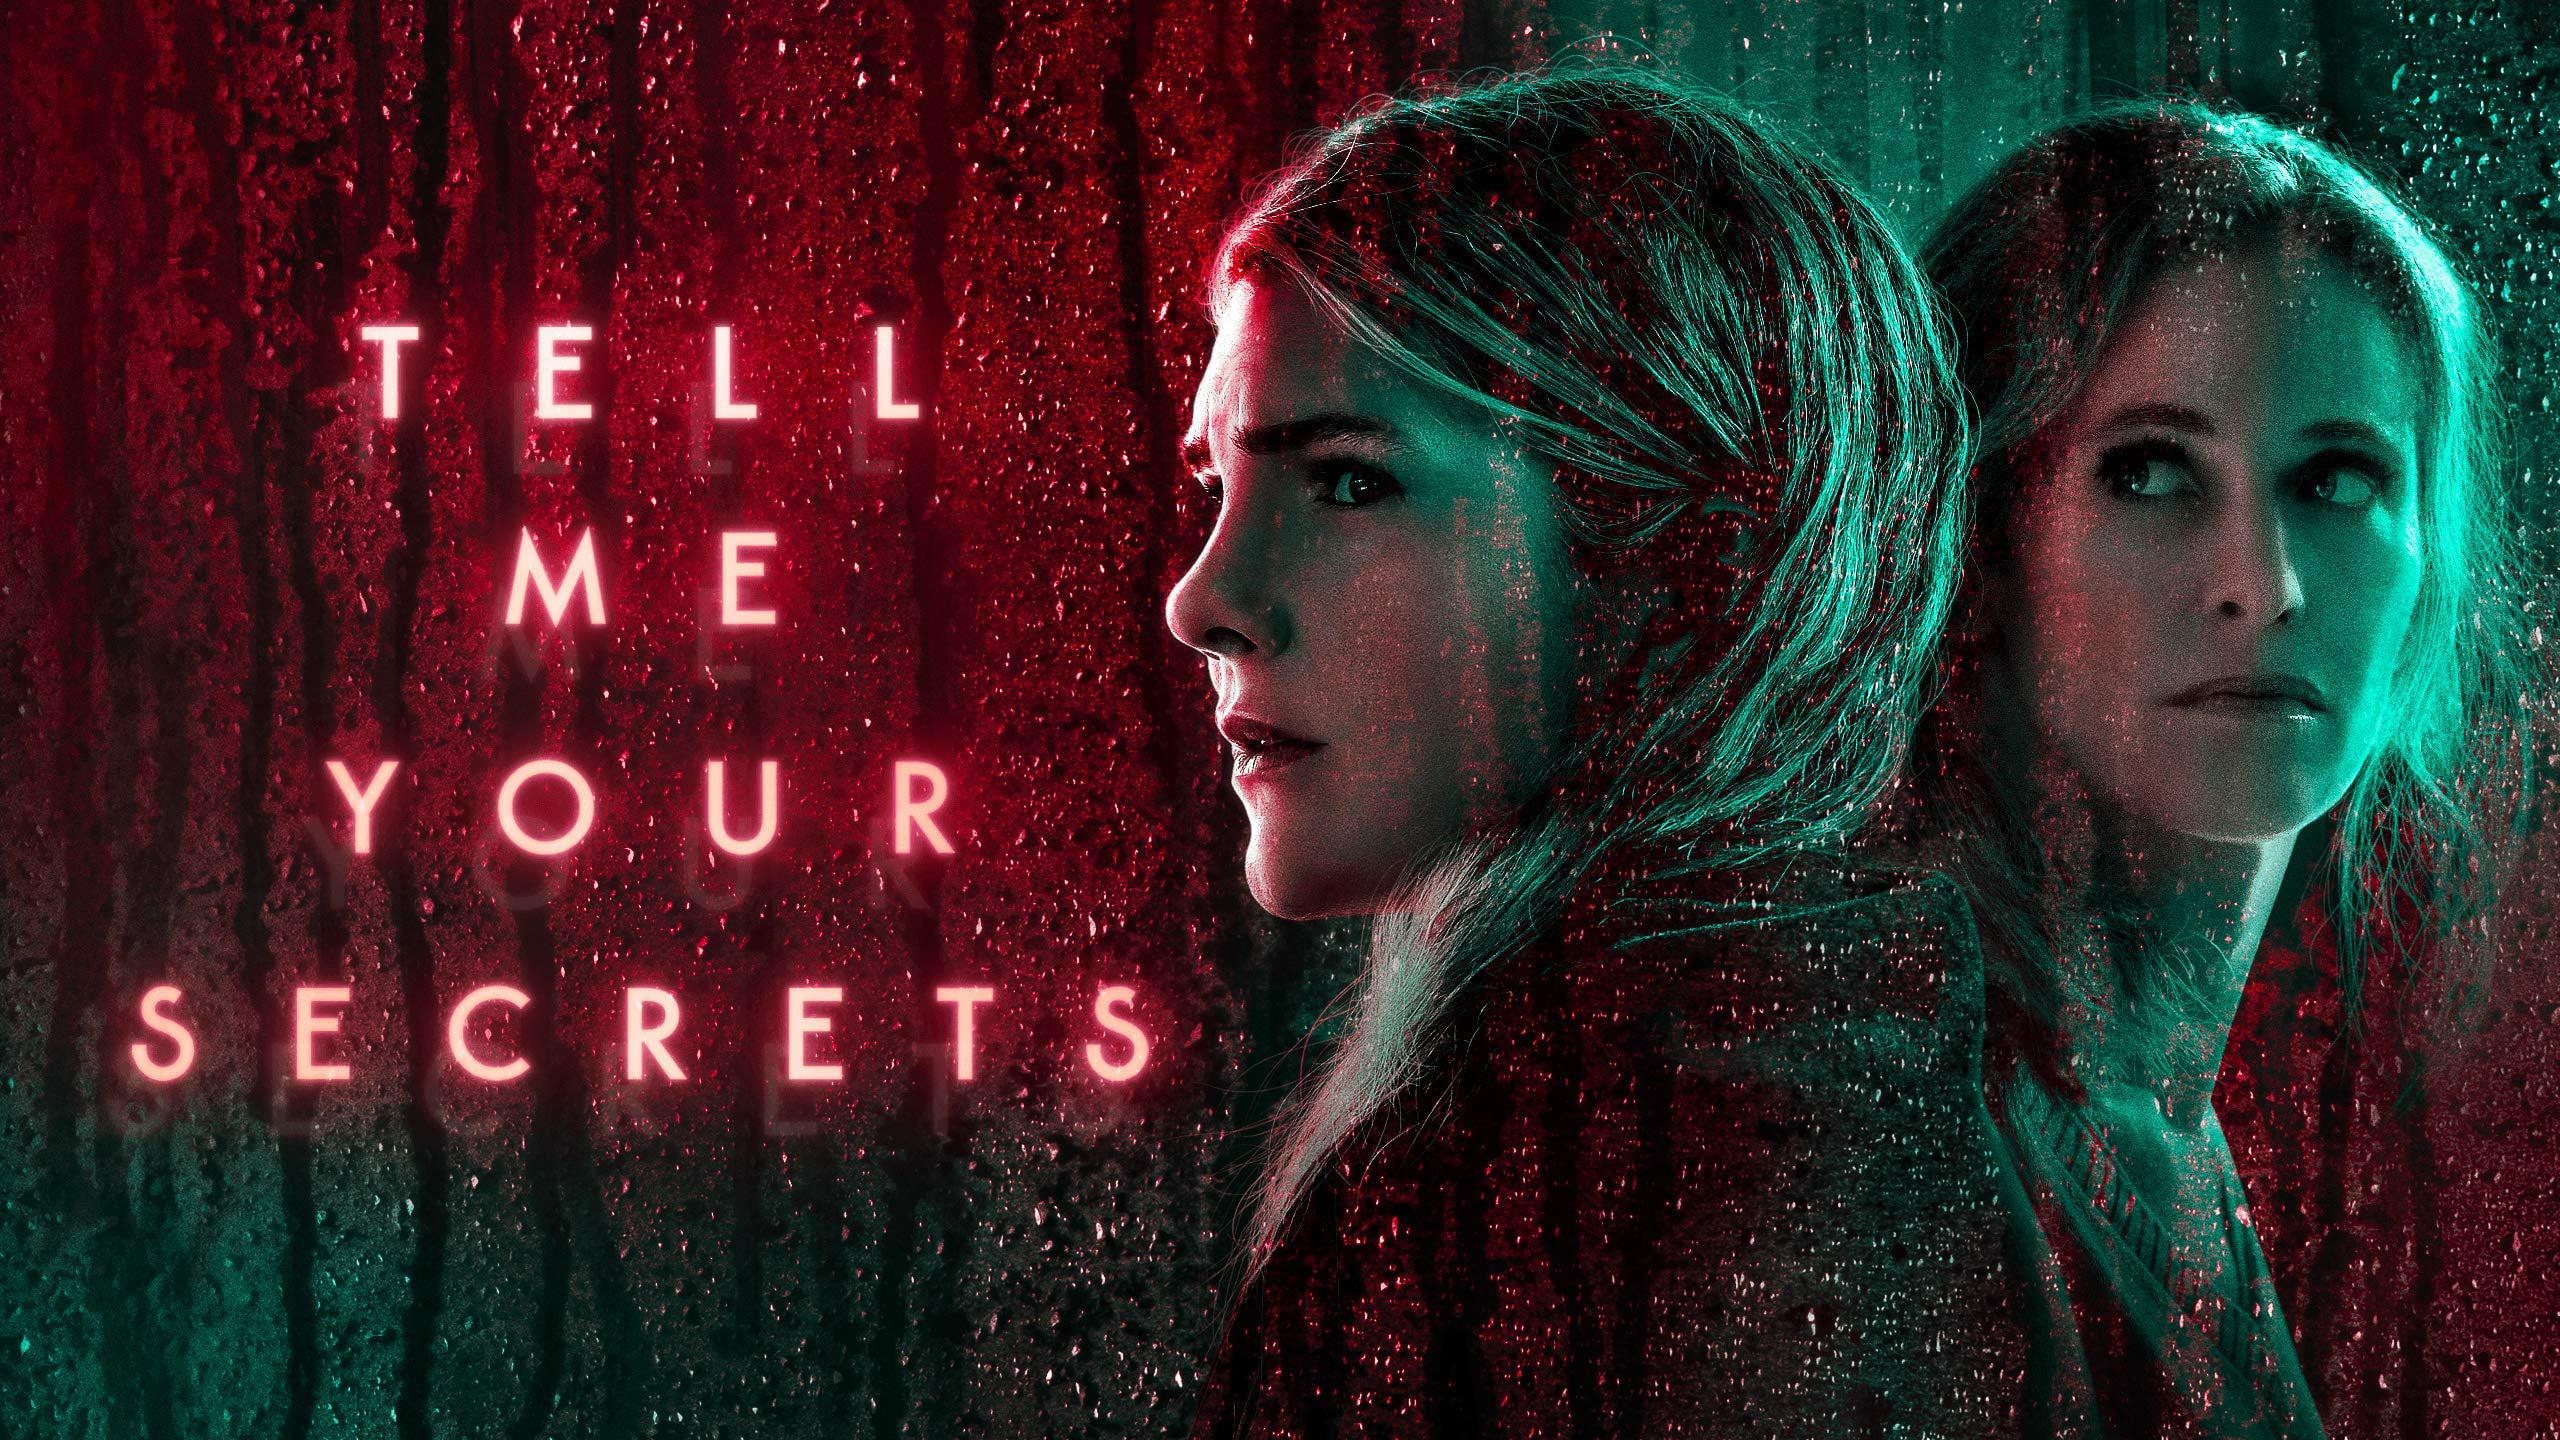 Amazon announces premiere date Tell Me Your Secrets